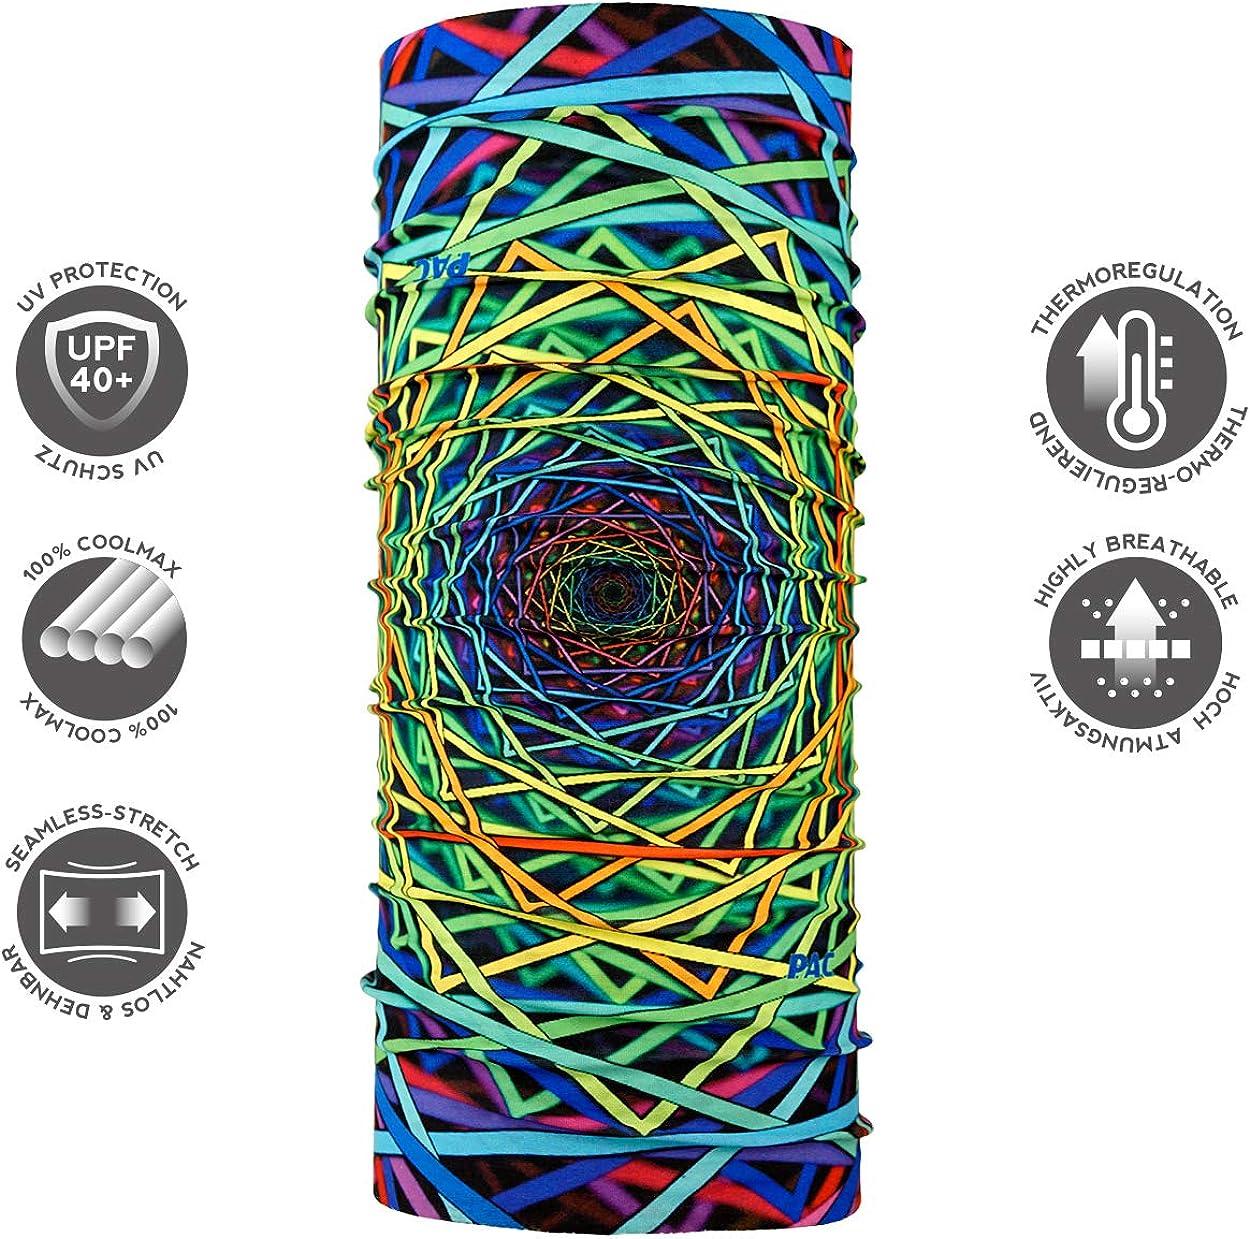 Schlauchtuch Outdoortuch Schal 10 Tragevarianten Halstuch Kopftuch f/ür Kinder P.A.C Kids UV Protector Stirnband verschiedenste Designs Multifunktionstuch